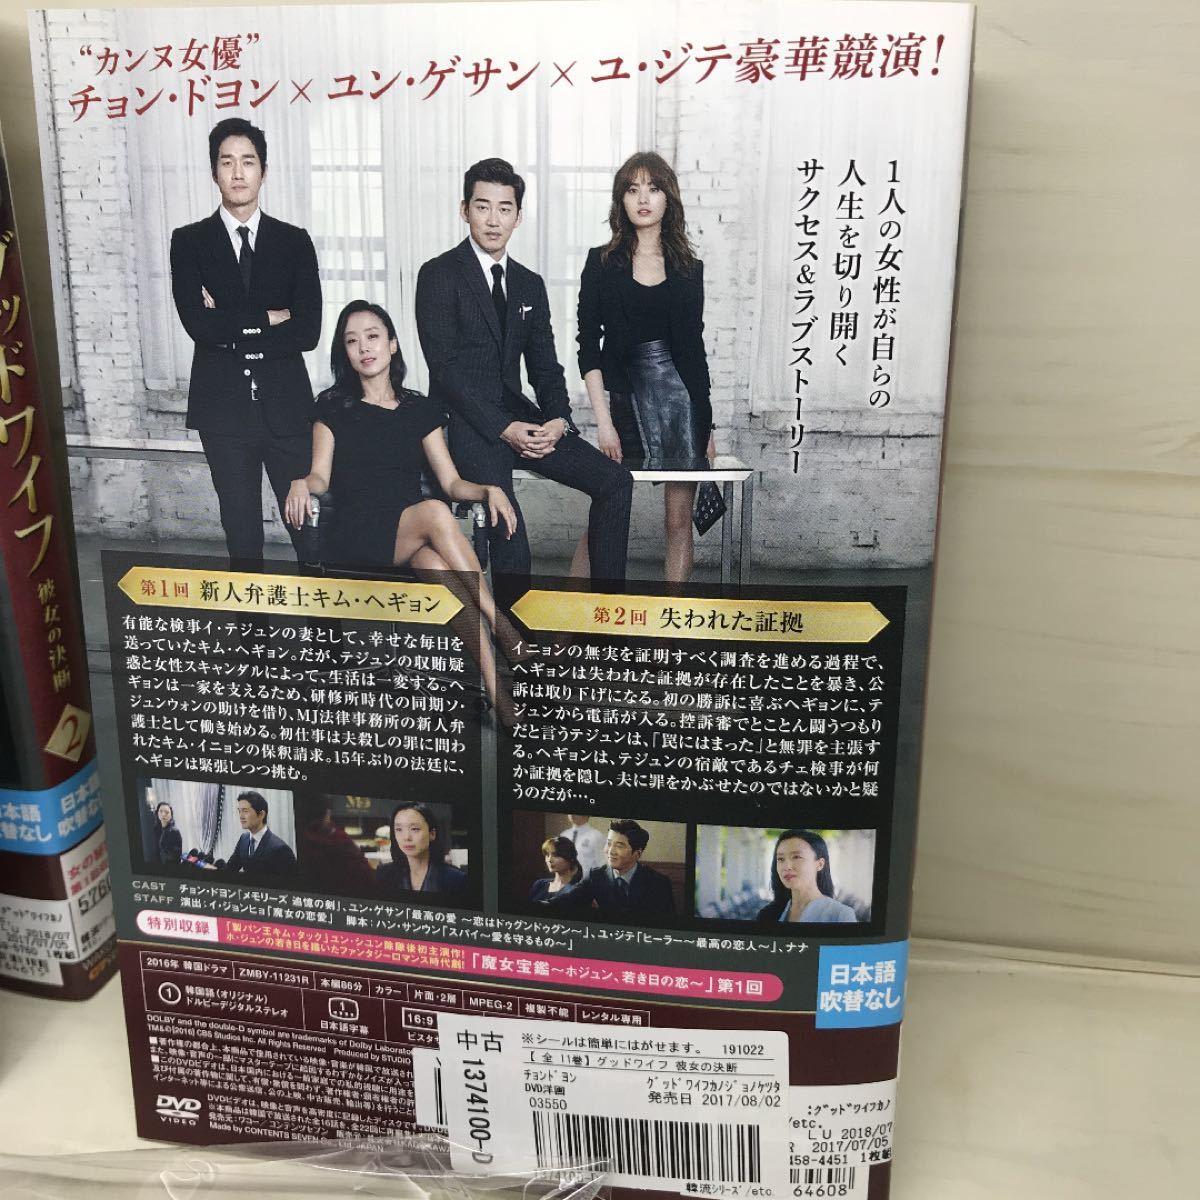 レンタルアップDVD グッドワイフ 彼女の決断 全11巻  韓国ドラマ レンタル落ち